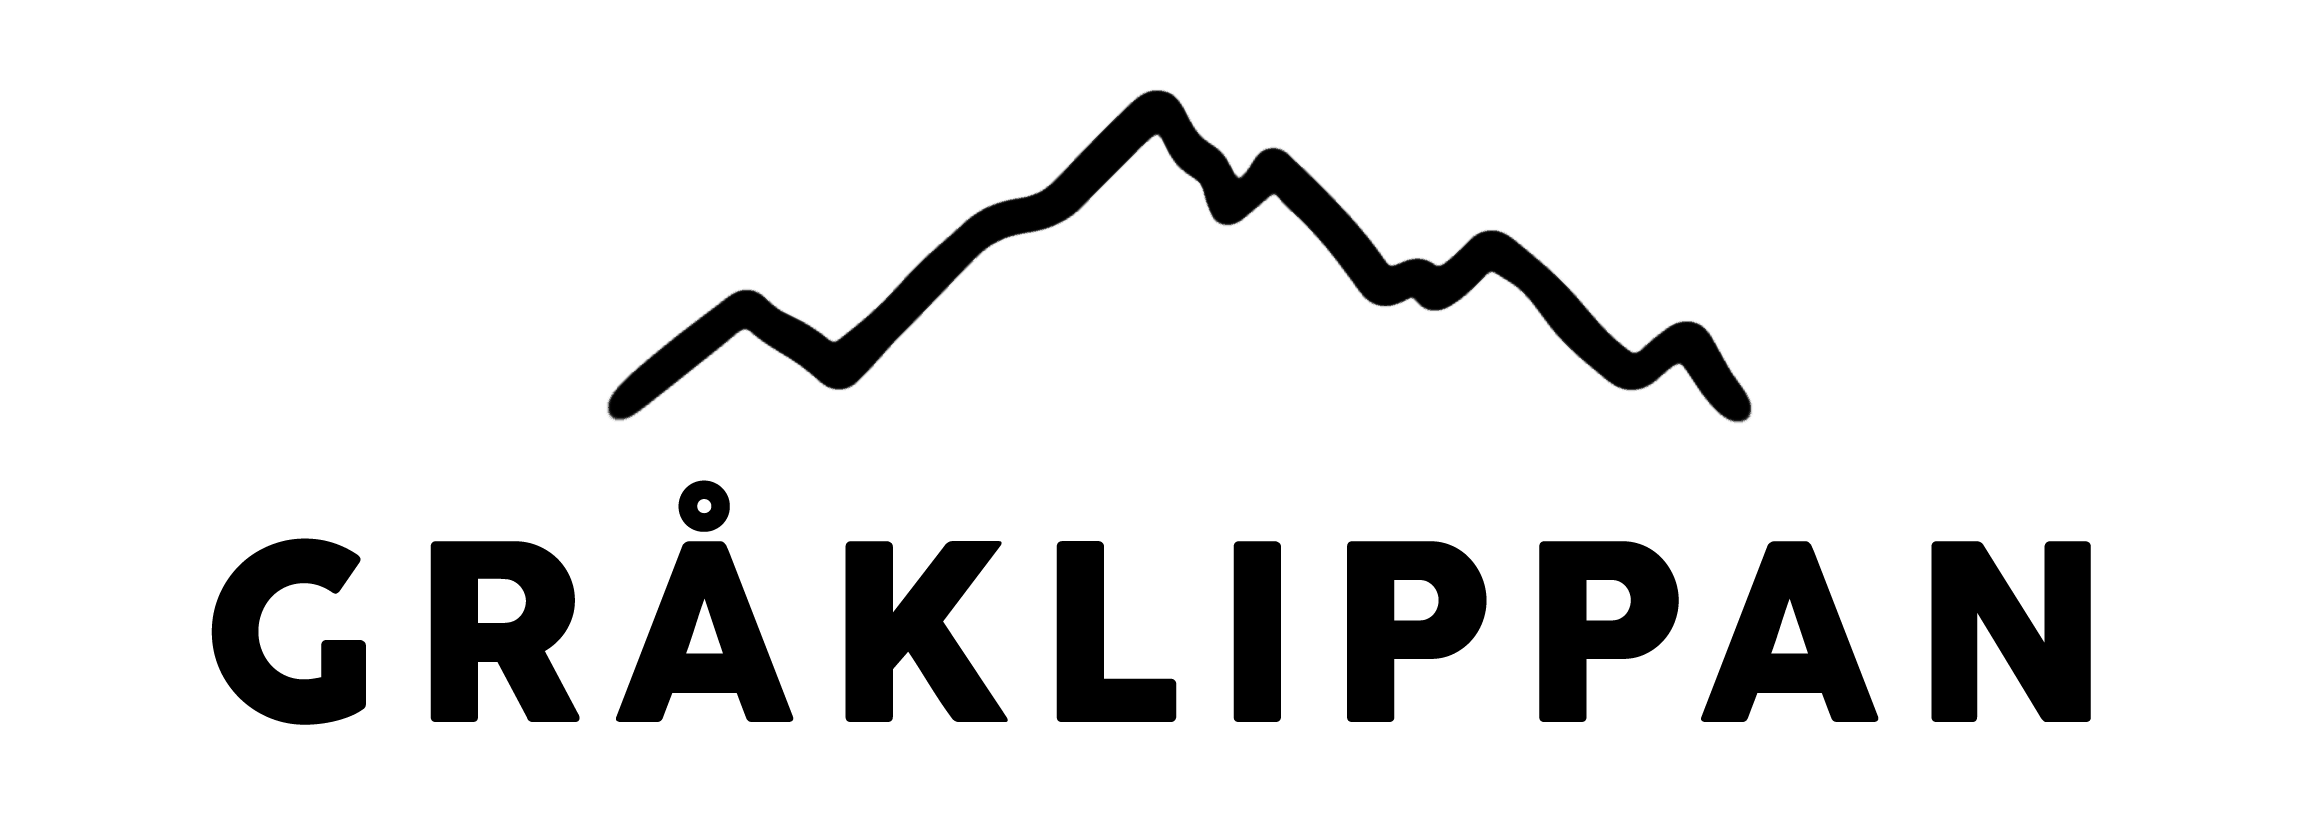 Graklippan_Logo_TJOCK_2019SPECIAL_SVART